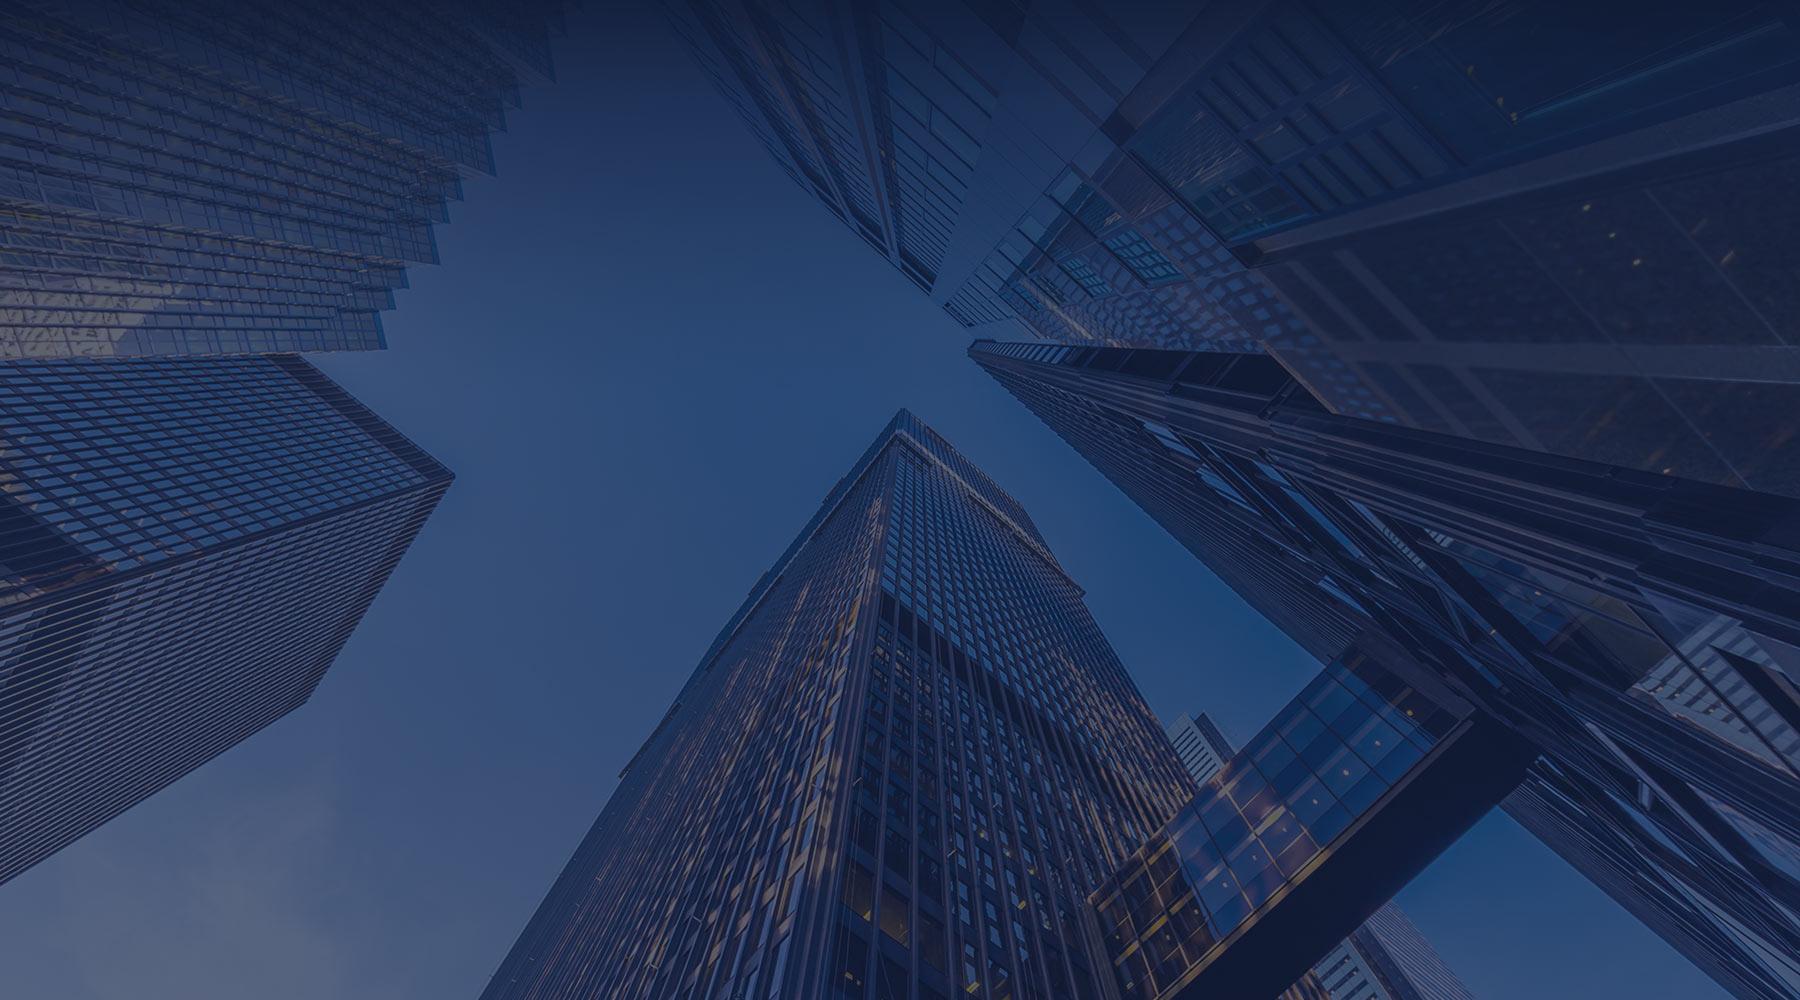 Создать онлайн-компанию Создайте оффшорную компанию онлайн Создайте онлайн-компанию